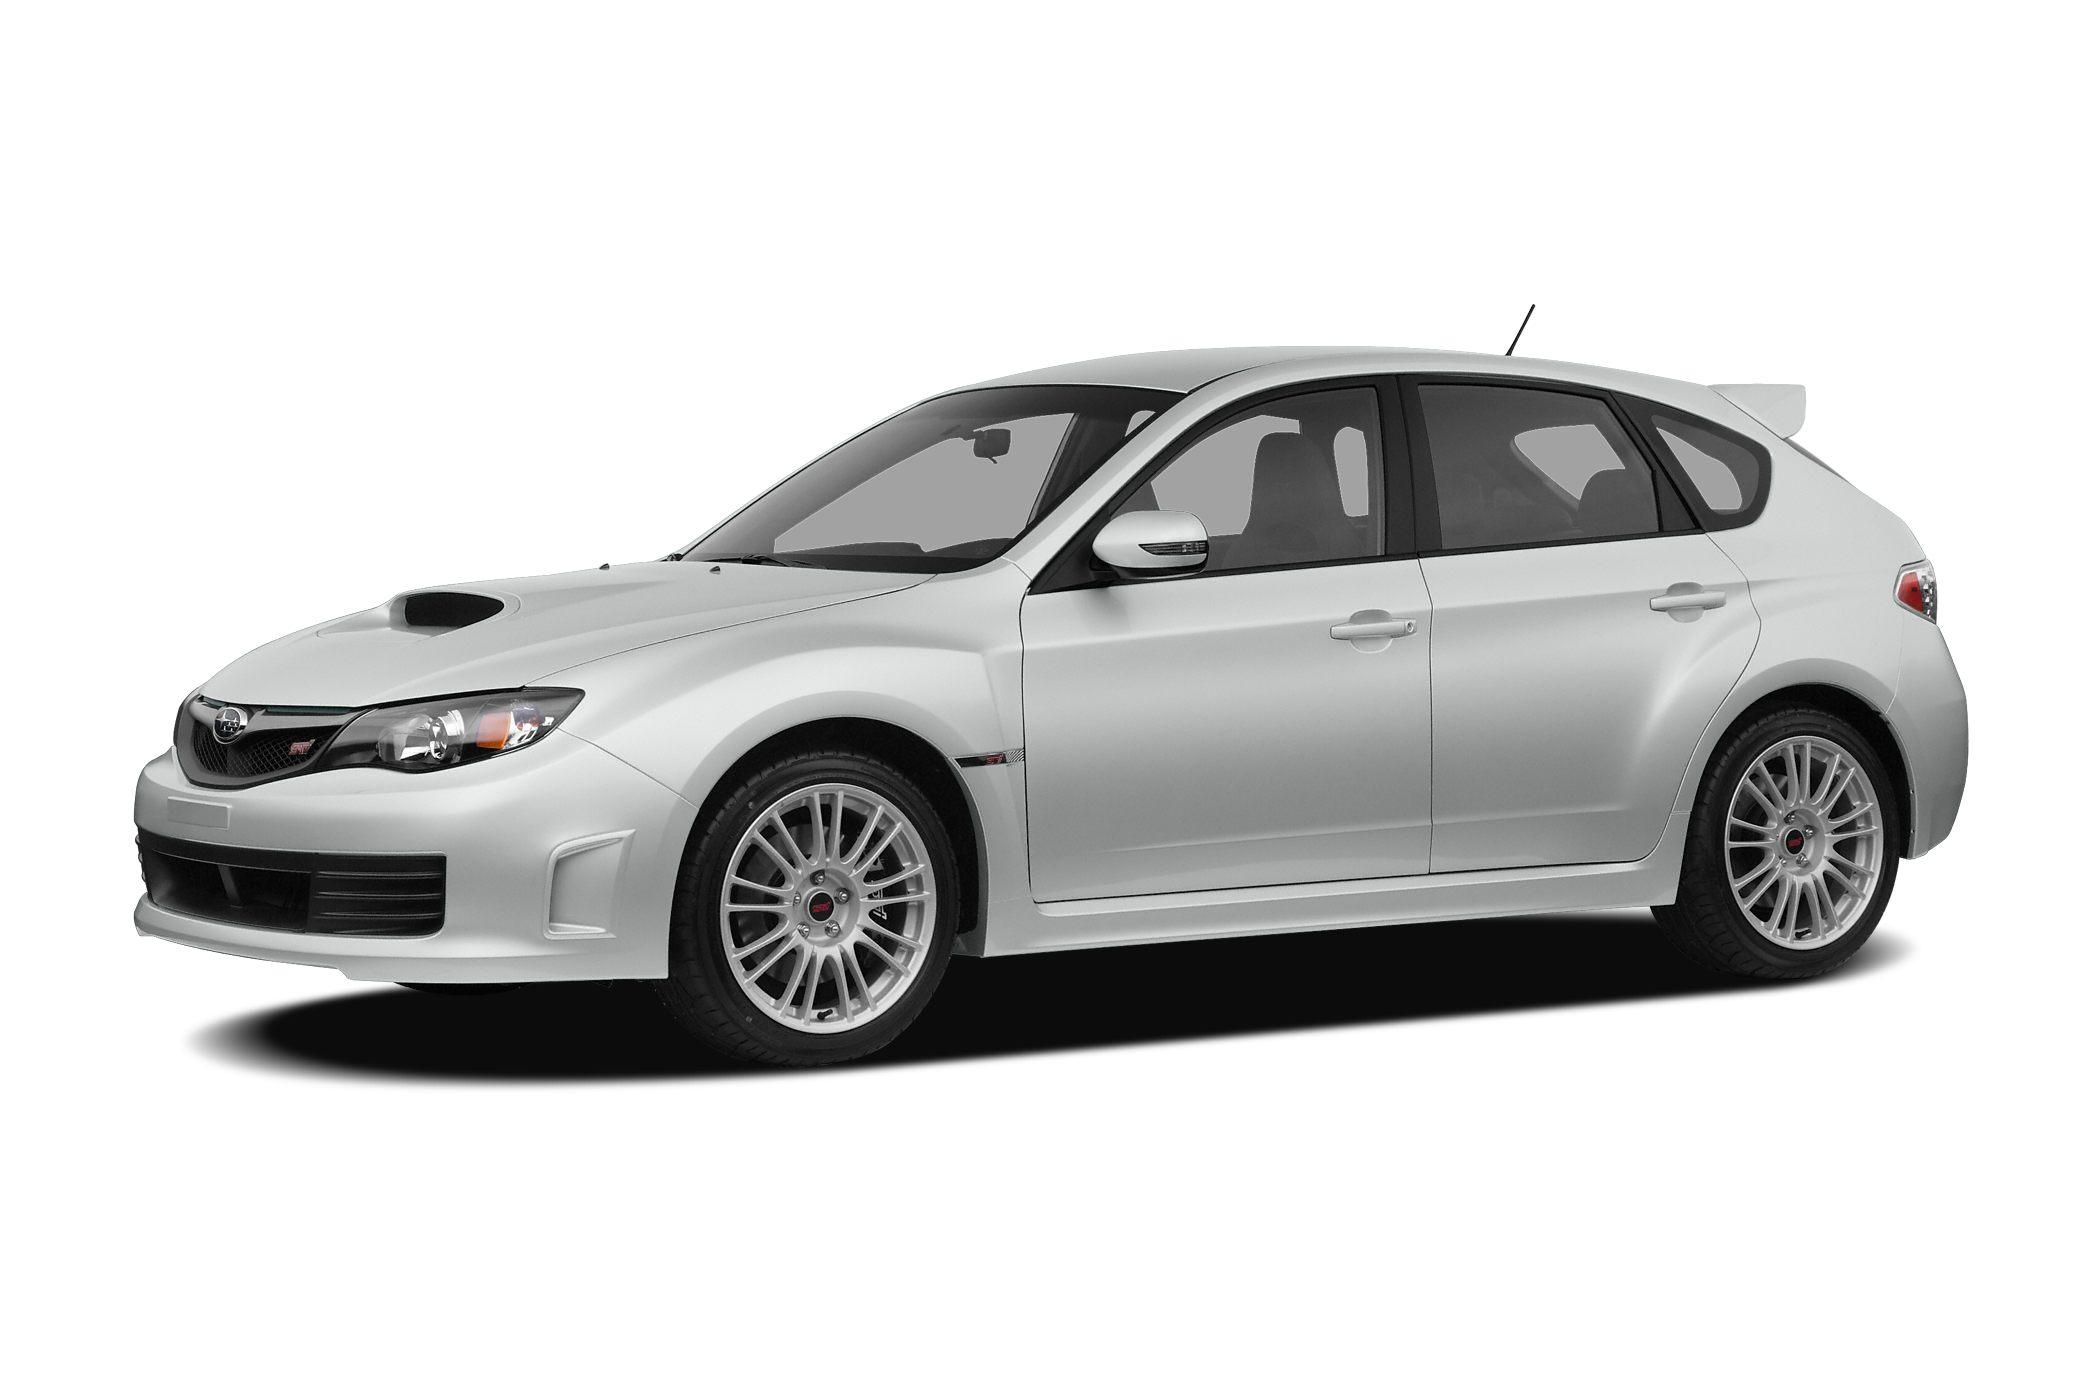 2008 Subaru Impreza Wrx Sti Specs And Prices